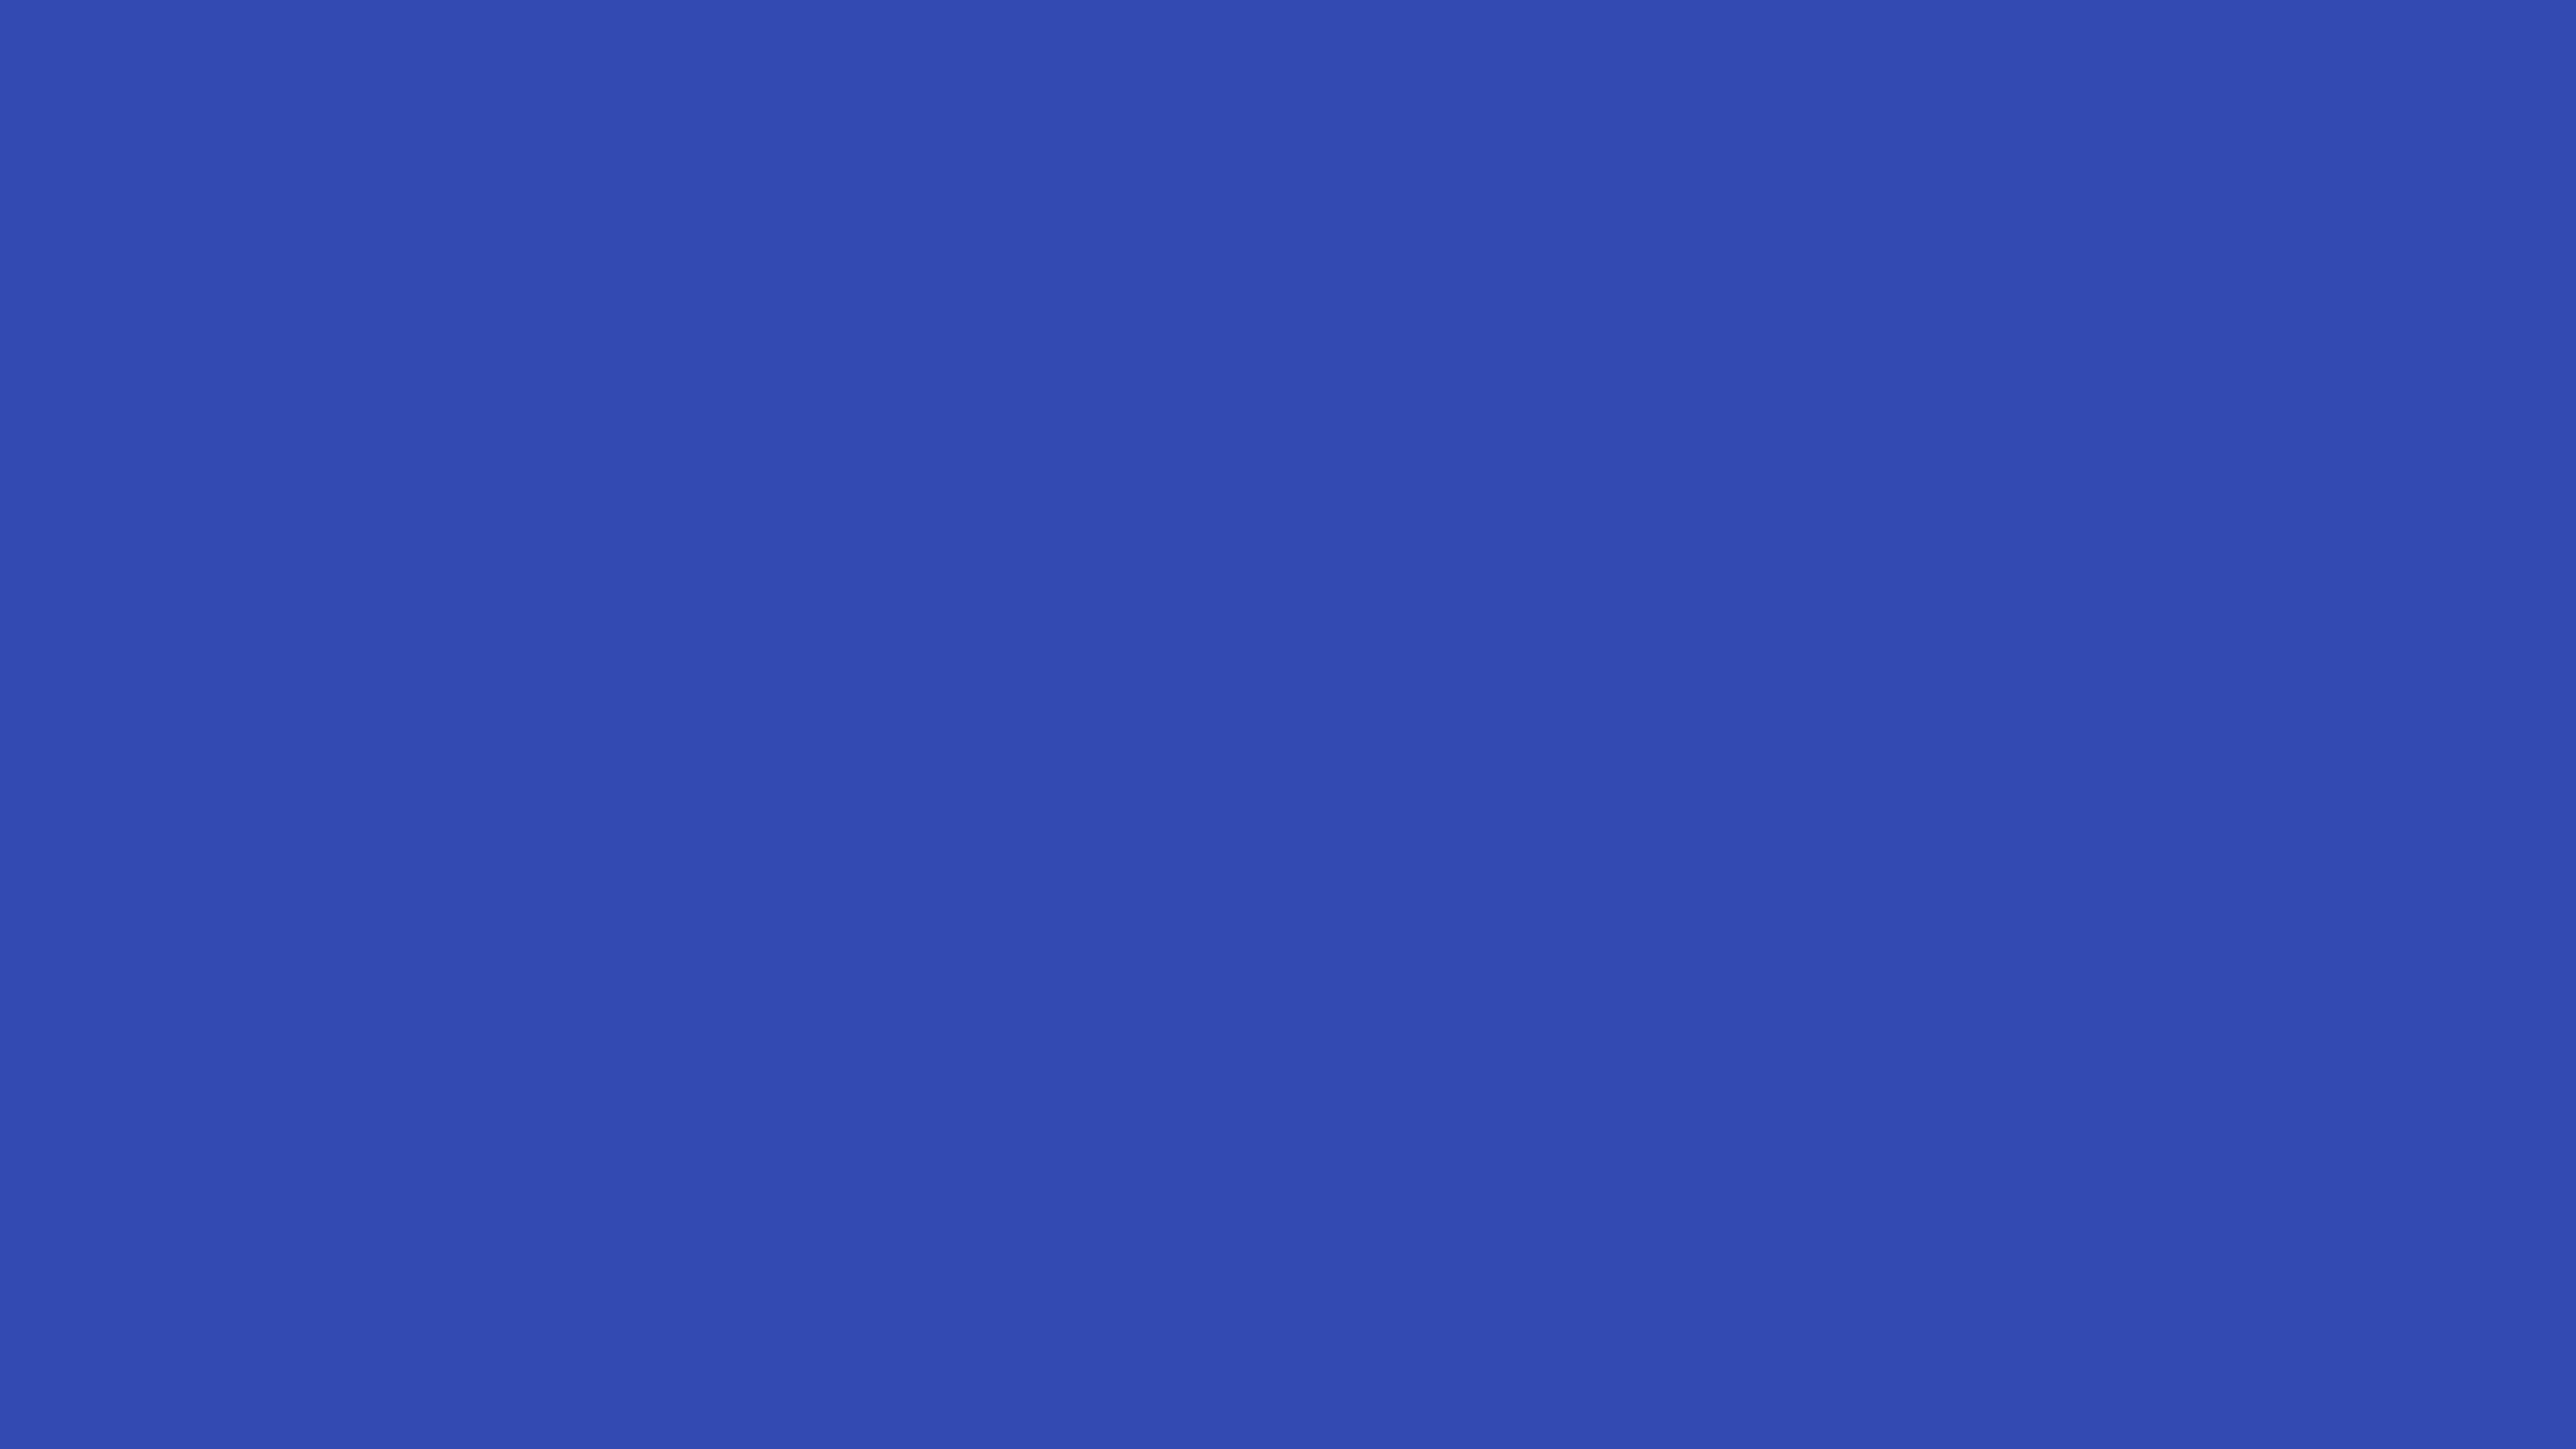 5120x2880 Violet-blue Solid Color Background